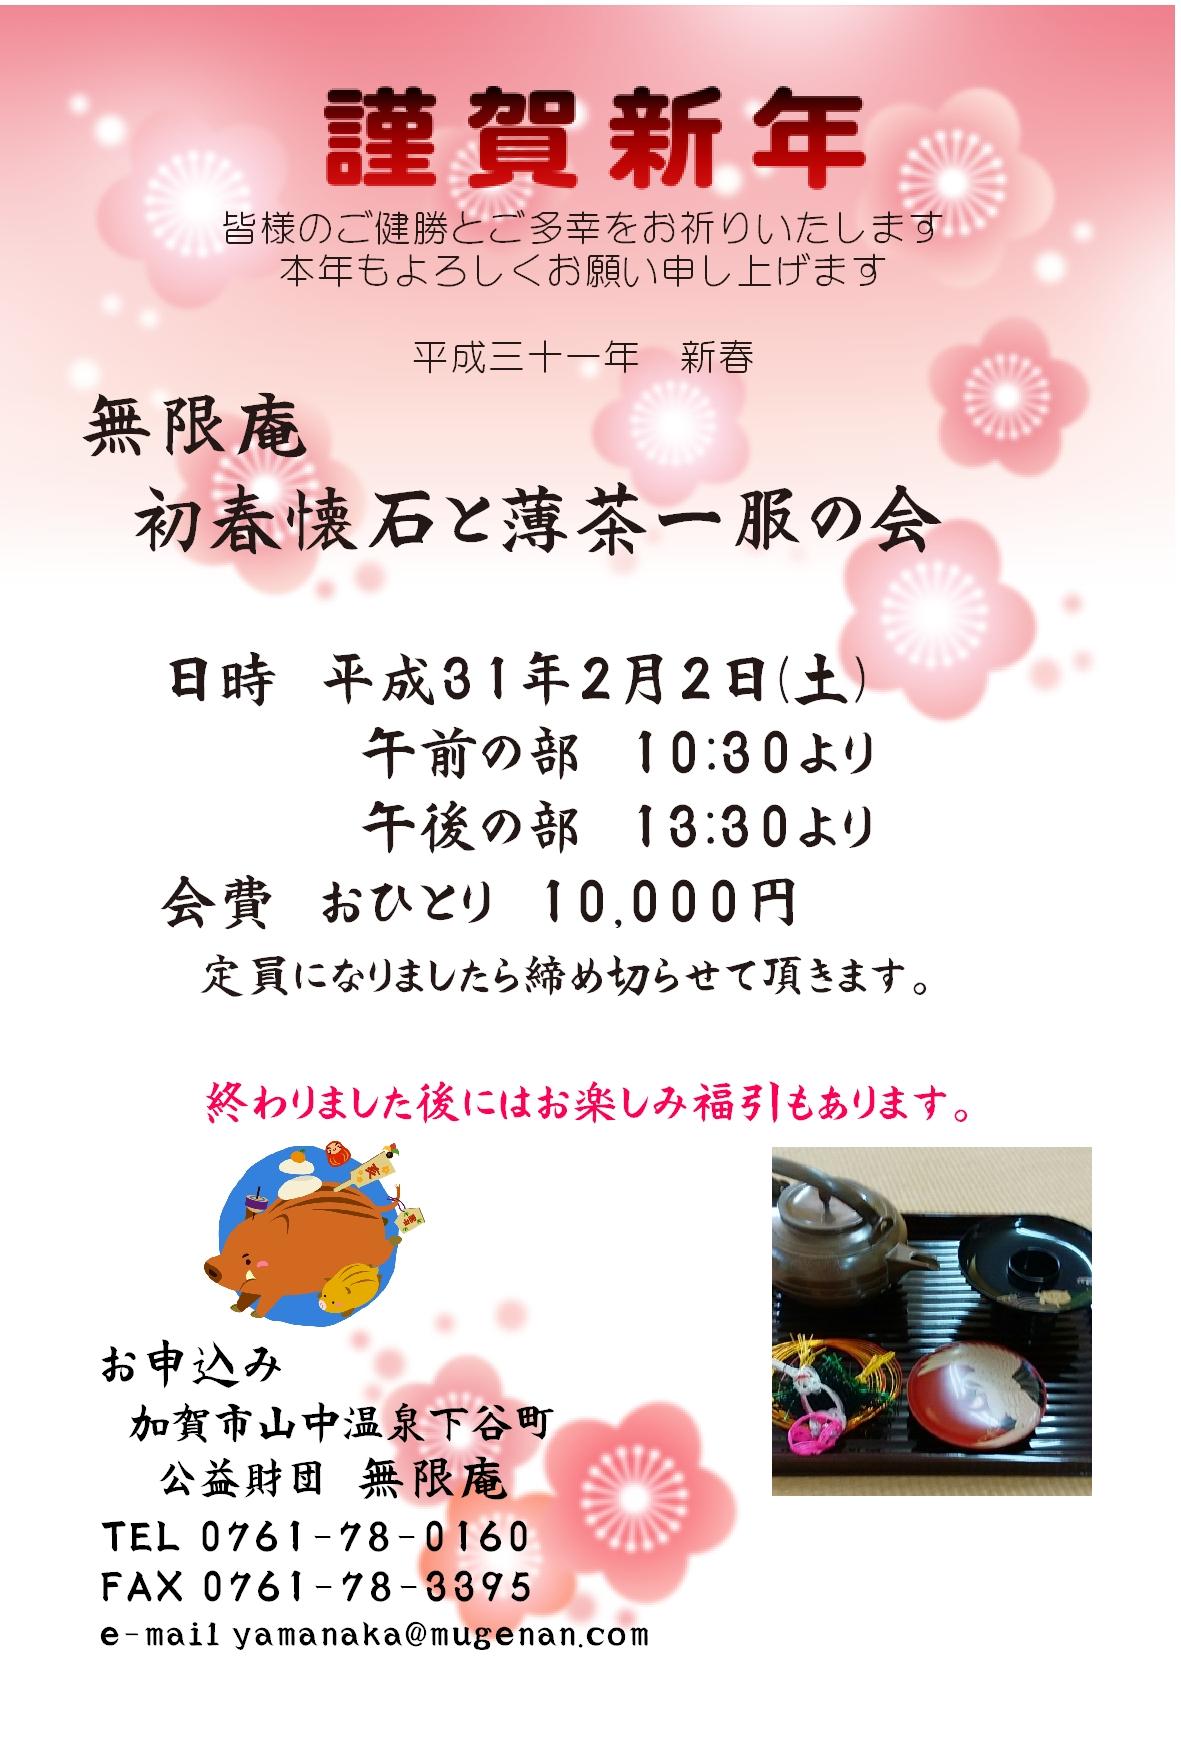 『無限庵』初春懐石と薄茶一服の会